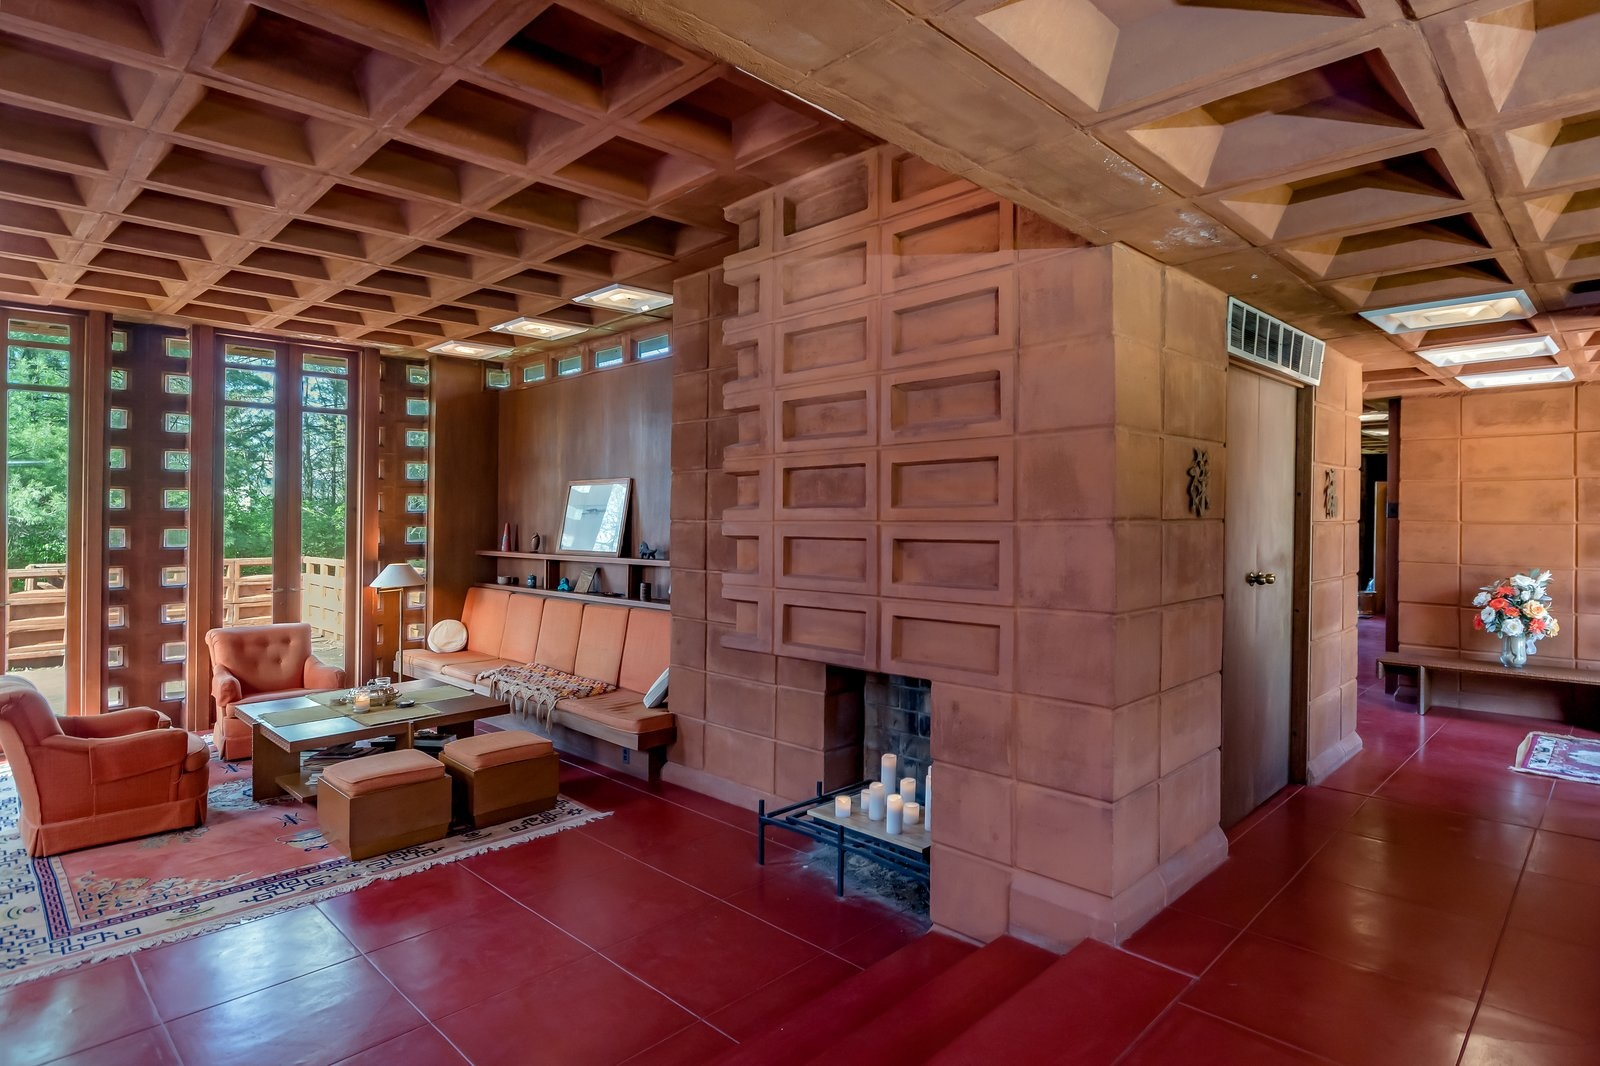 В Сент-Луисе продается дом по проекту Фрэнка Ллойда Райта (галерея 11, фото 5)